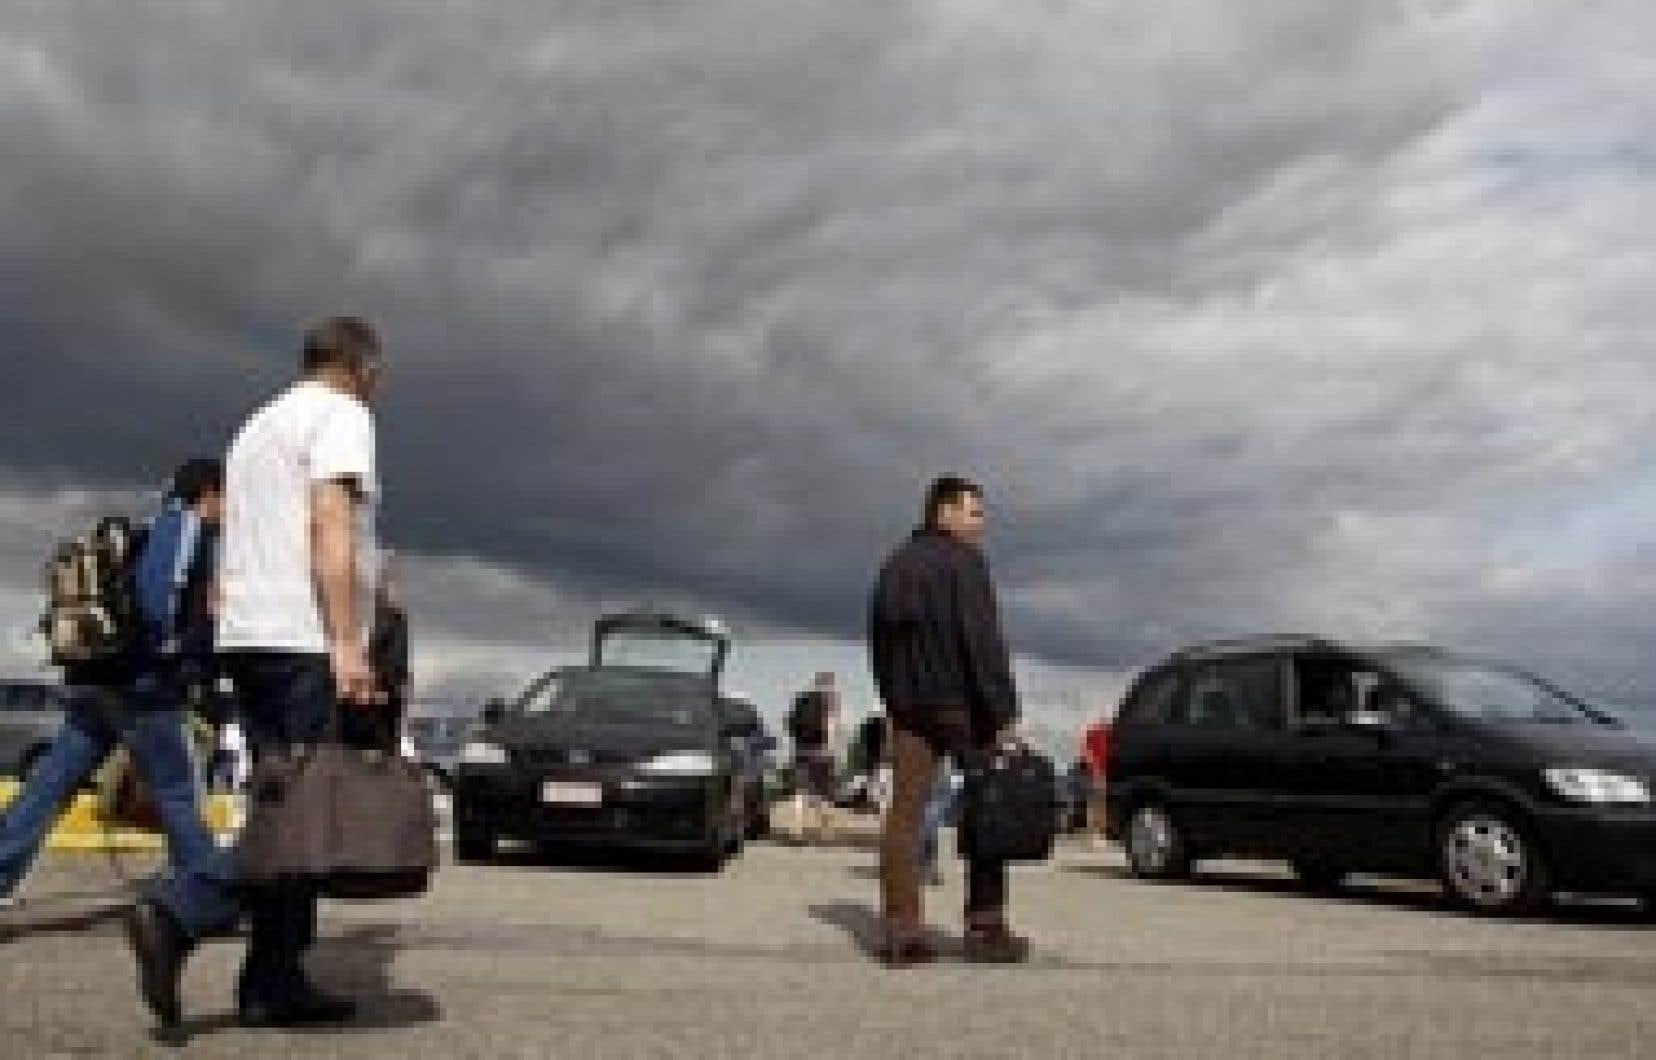 Opel emploie plus de 49 000 personnes en Europe, dont environ 25 000 en Allemagne.